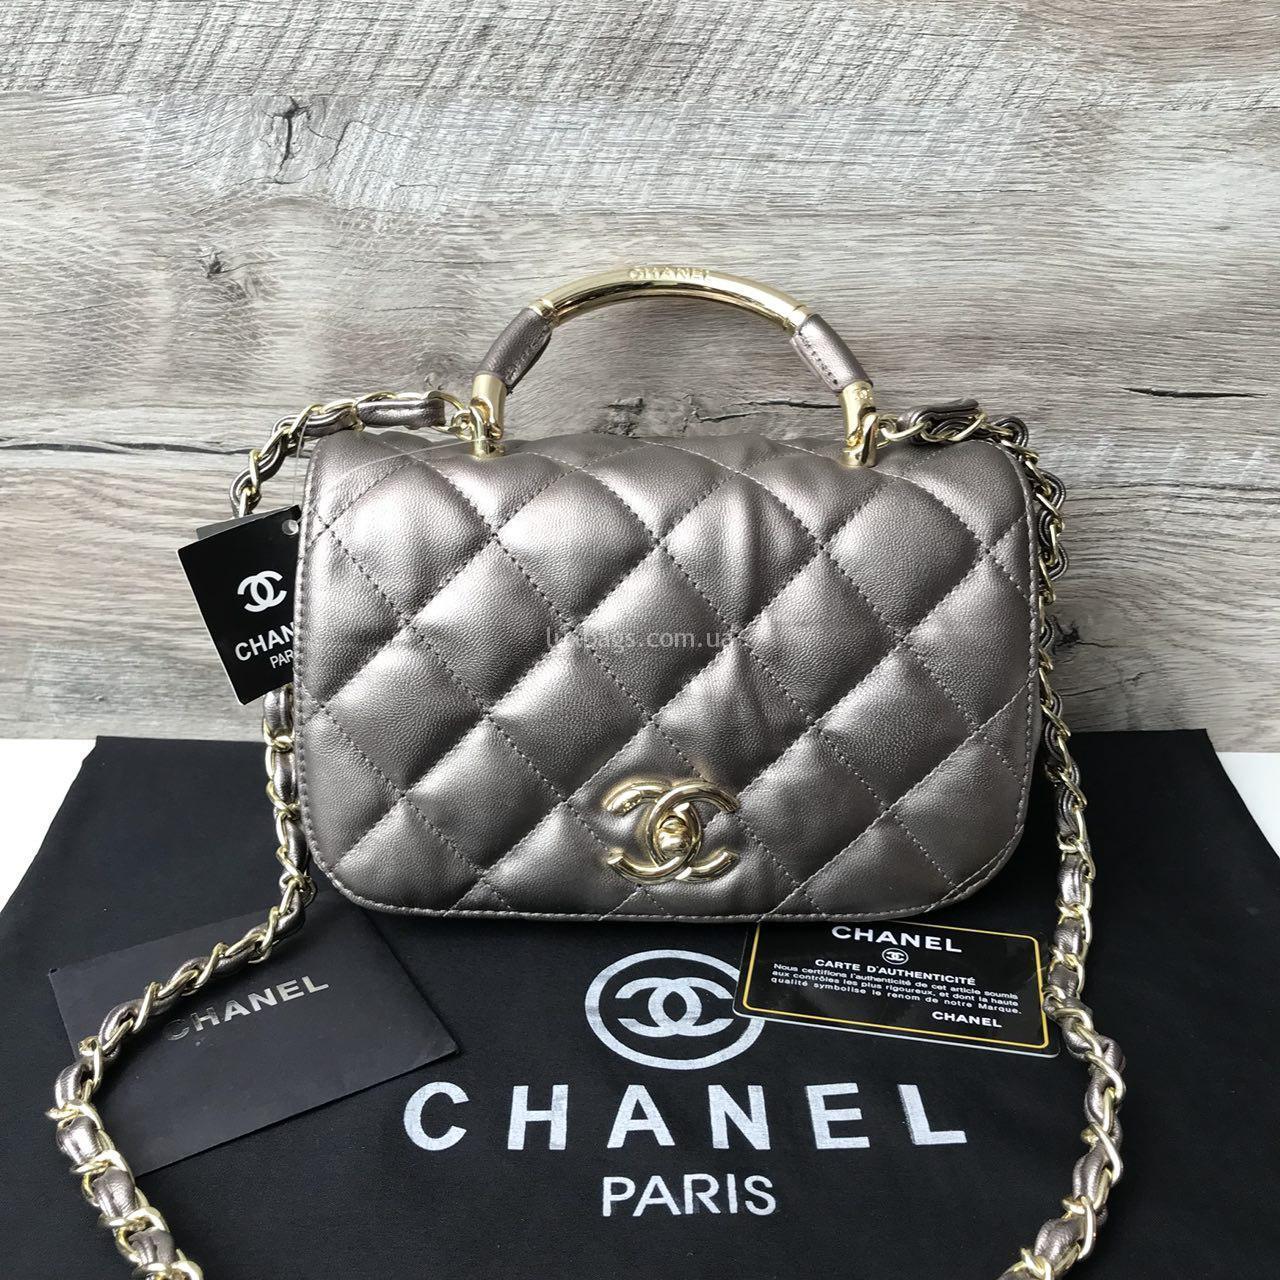 df554f217803 Женская стильная сумка Chanel Купить на lux-bags